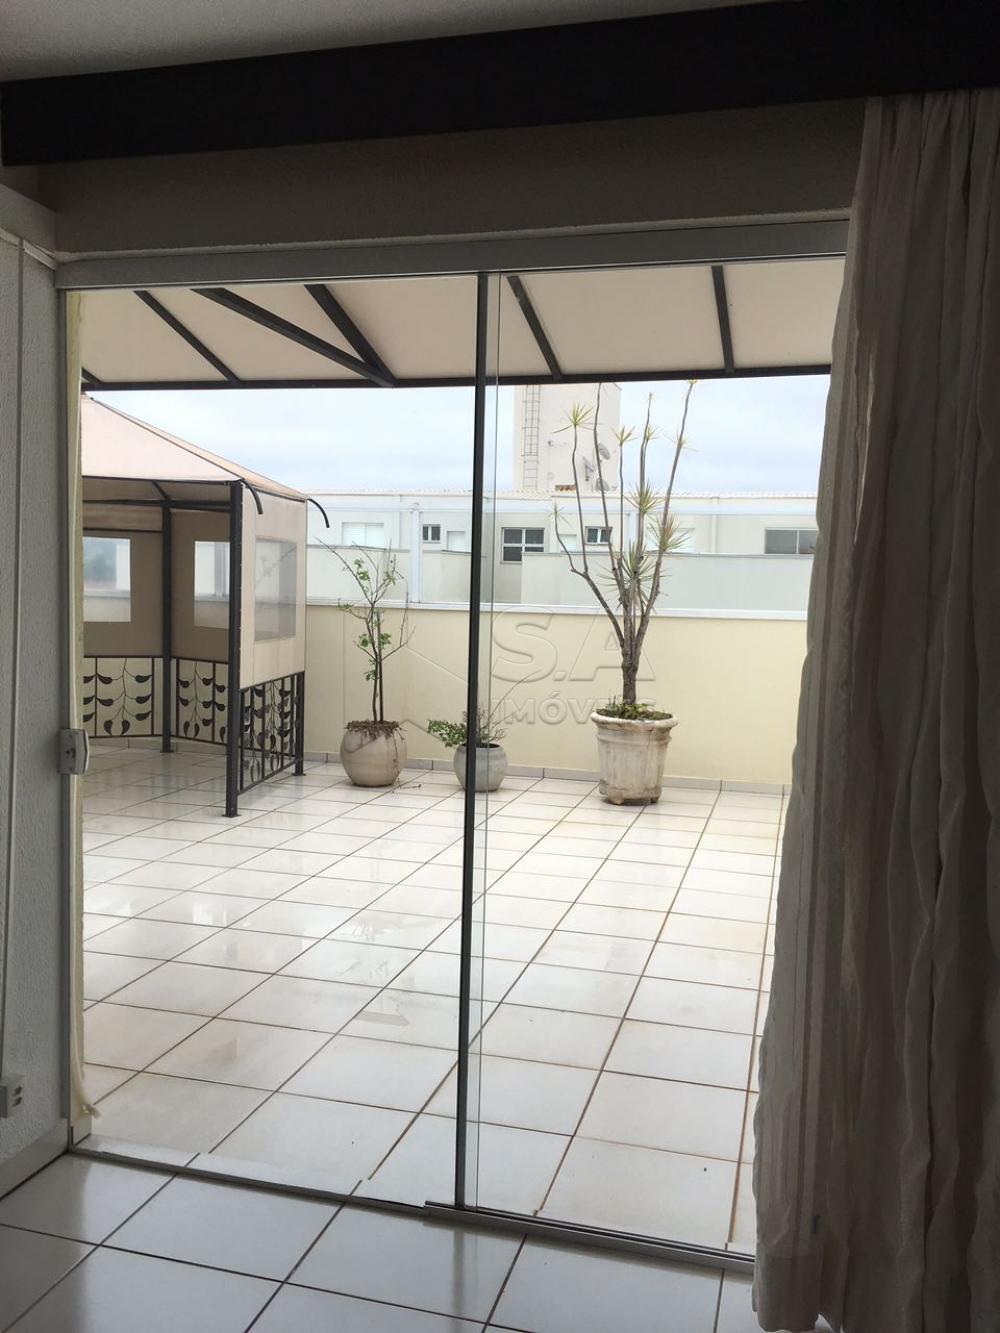 Comprar Apartamento / Padrão em Botucatu apenas R$ 700.000,00 - Foto 32